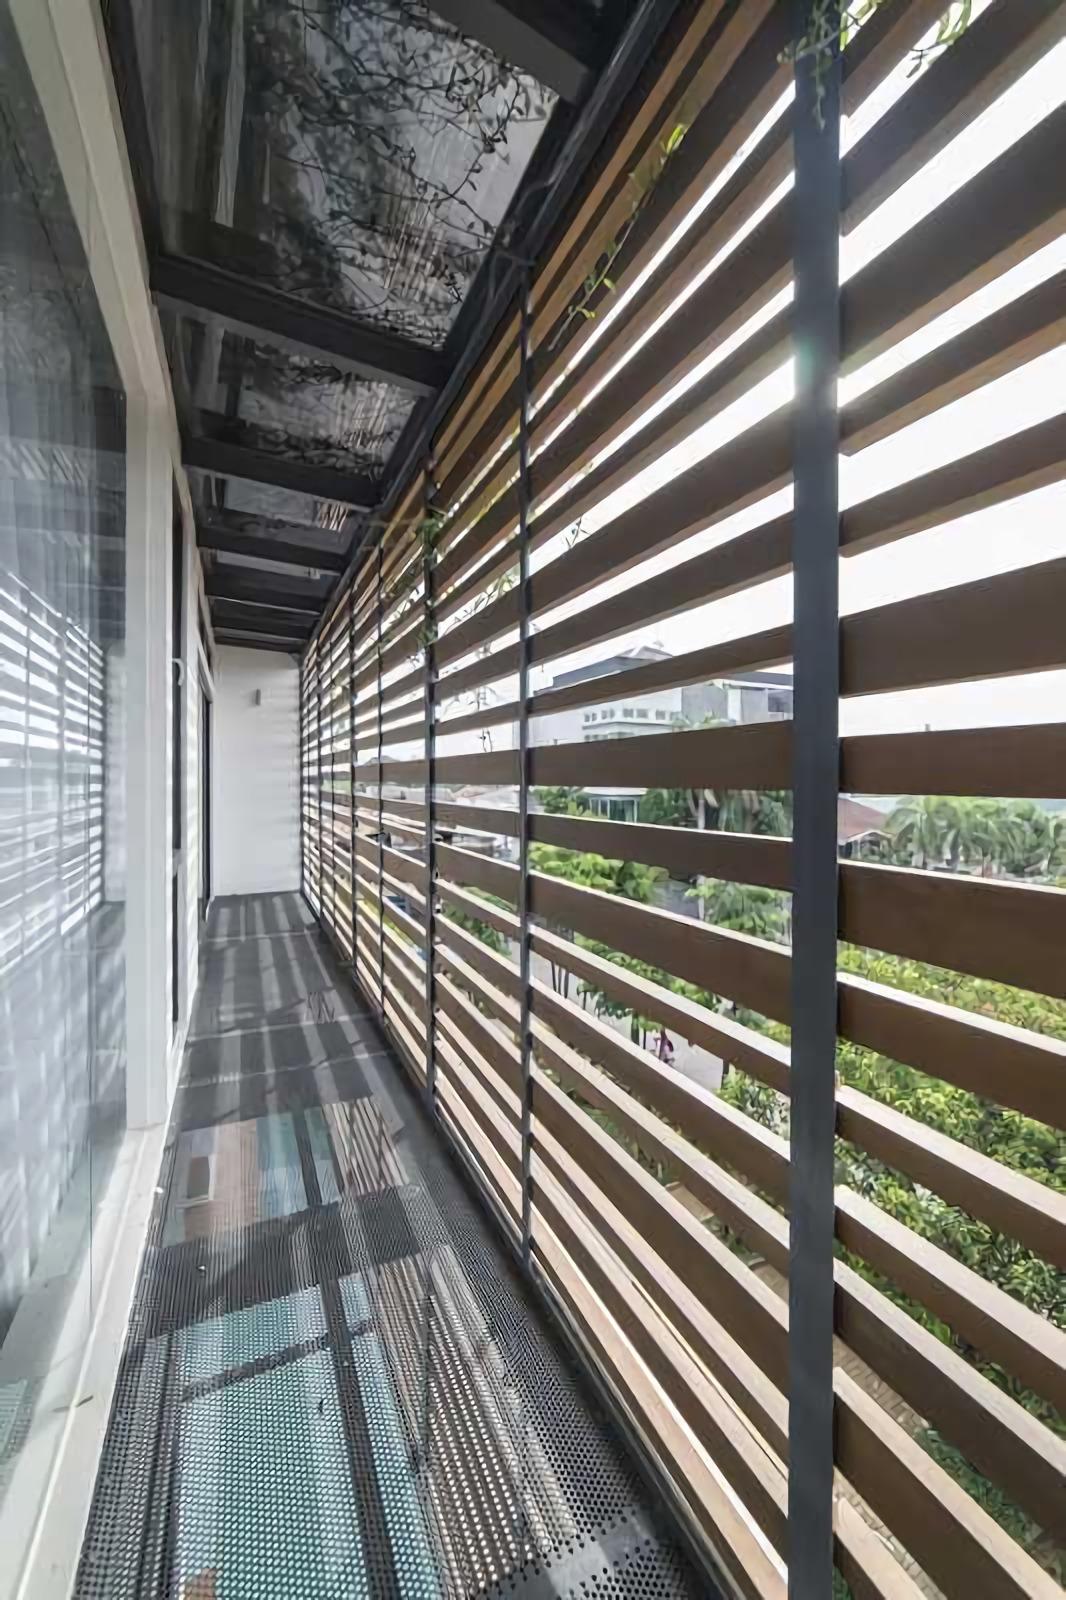 Posisi YN House berada di hoek dengan bagian sisi panjang rumah menghadap ke Barat. Untuk mengantisipasi dampak matahari sore yang panas menyengat, HYJA memanfaatkan balok kayu yang disusun tidak beraturan untuk menimbulkan efek teduh ke dalam ruangan. Selain segi fungsional, balok kayu ini menjadi bagian elemen estetika yang membuat eksterior bangunan tidak terlihat monoton.